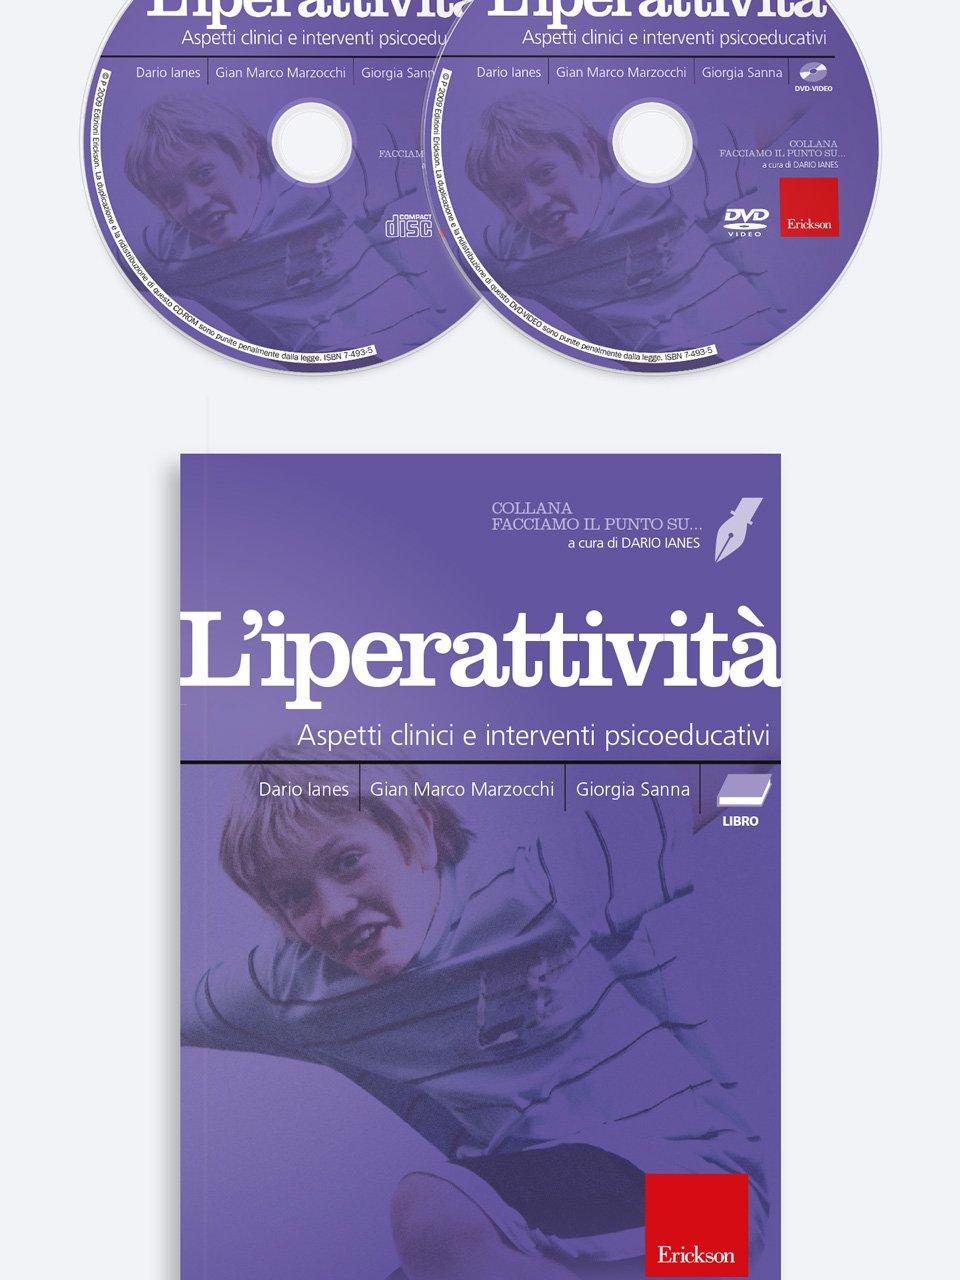 Facciamo il punto su... L'iperattività - BIA - Batteria italiana per l'ADHD - Libri - Erickson